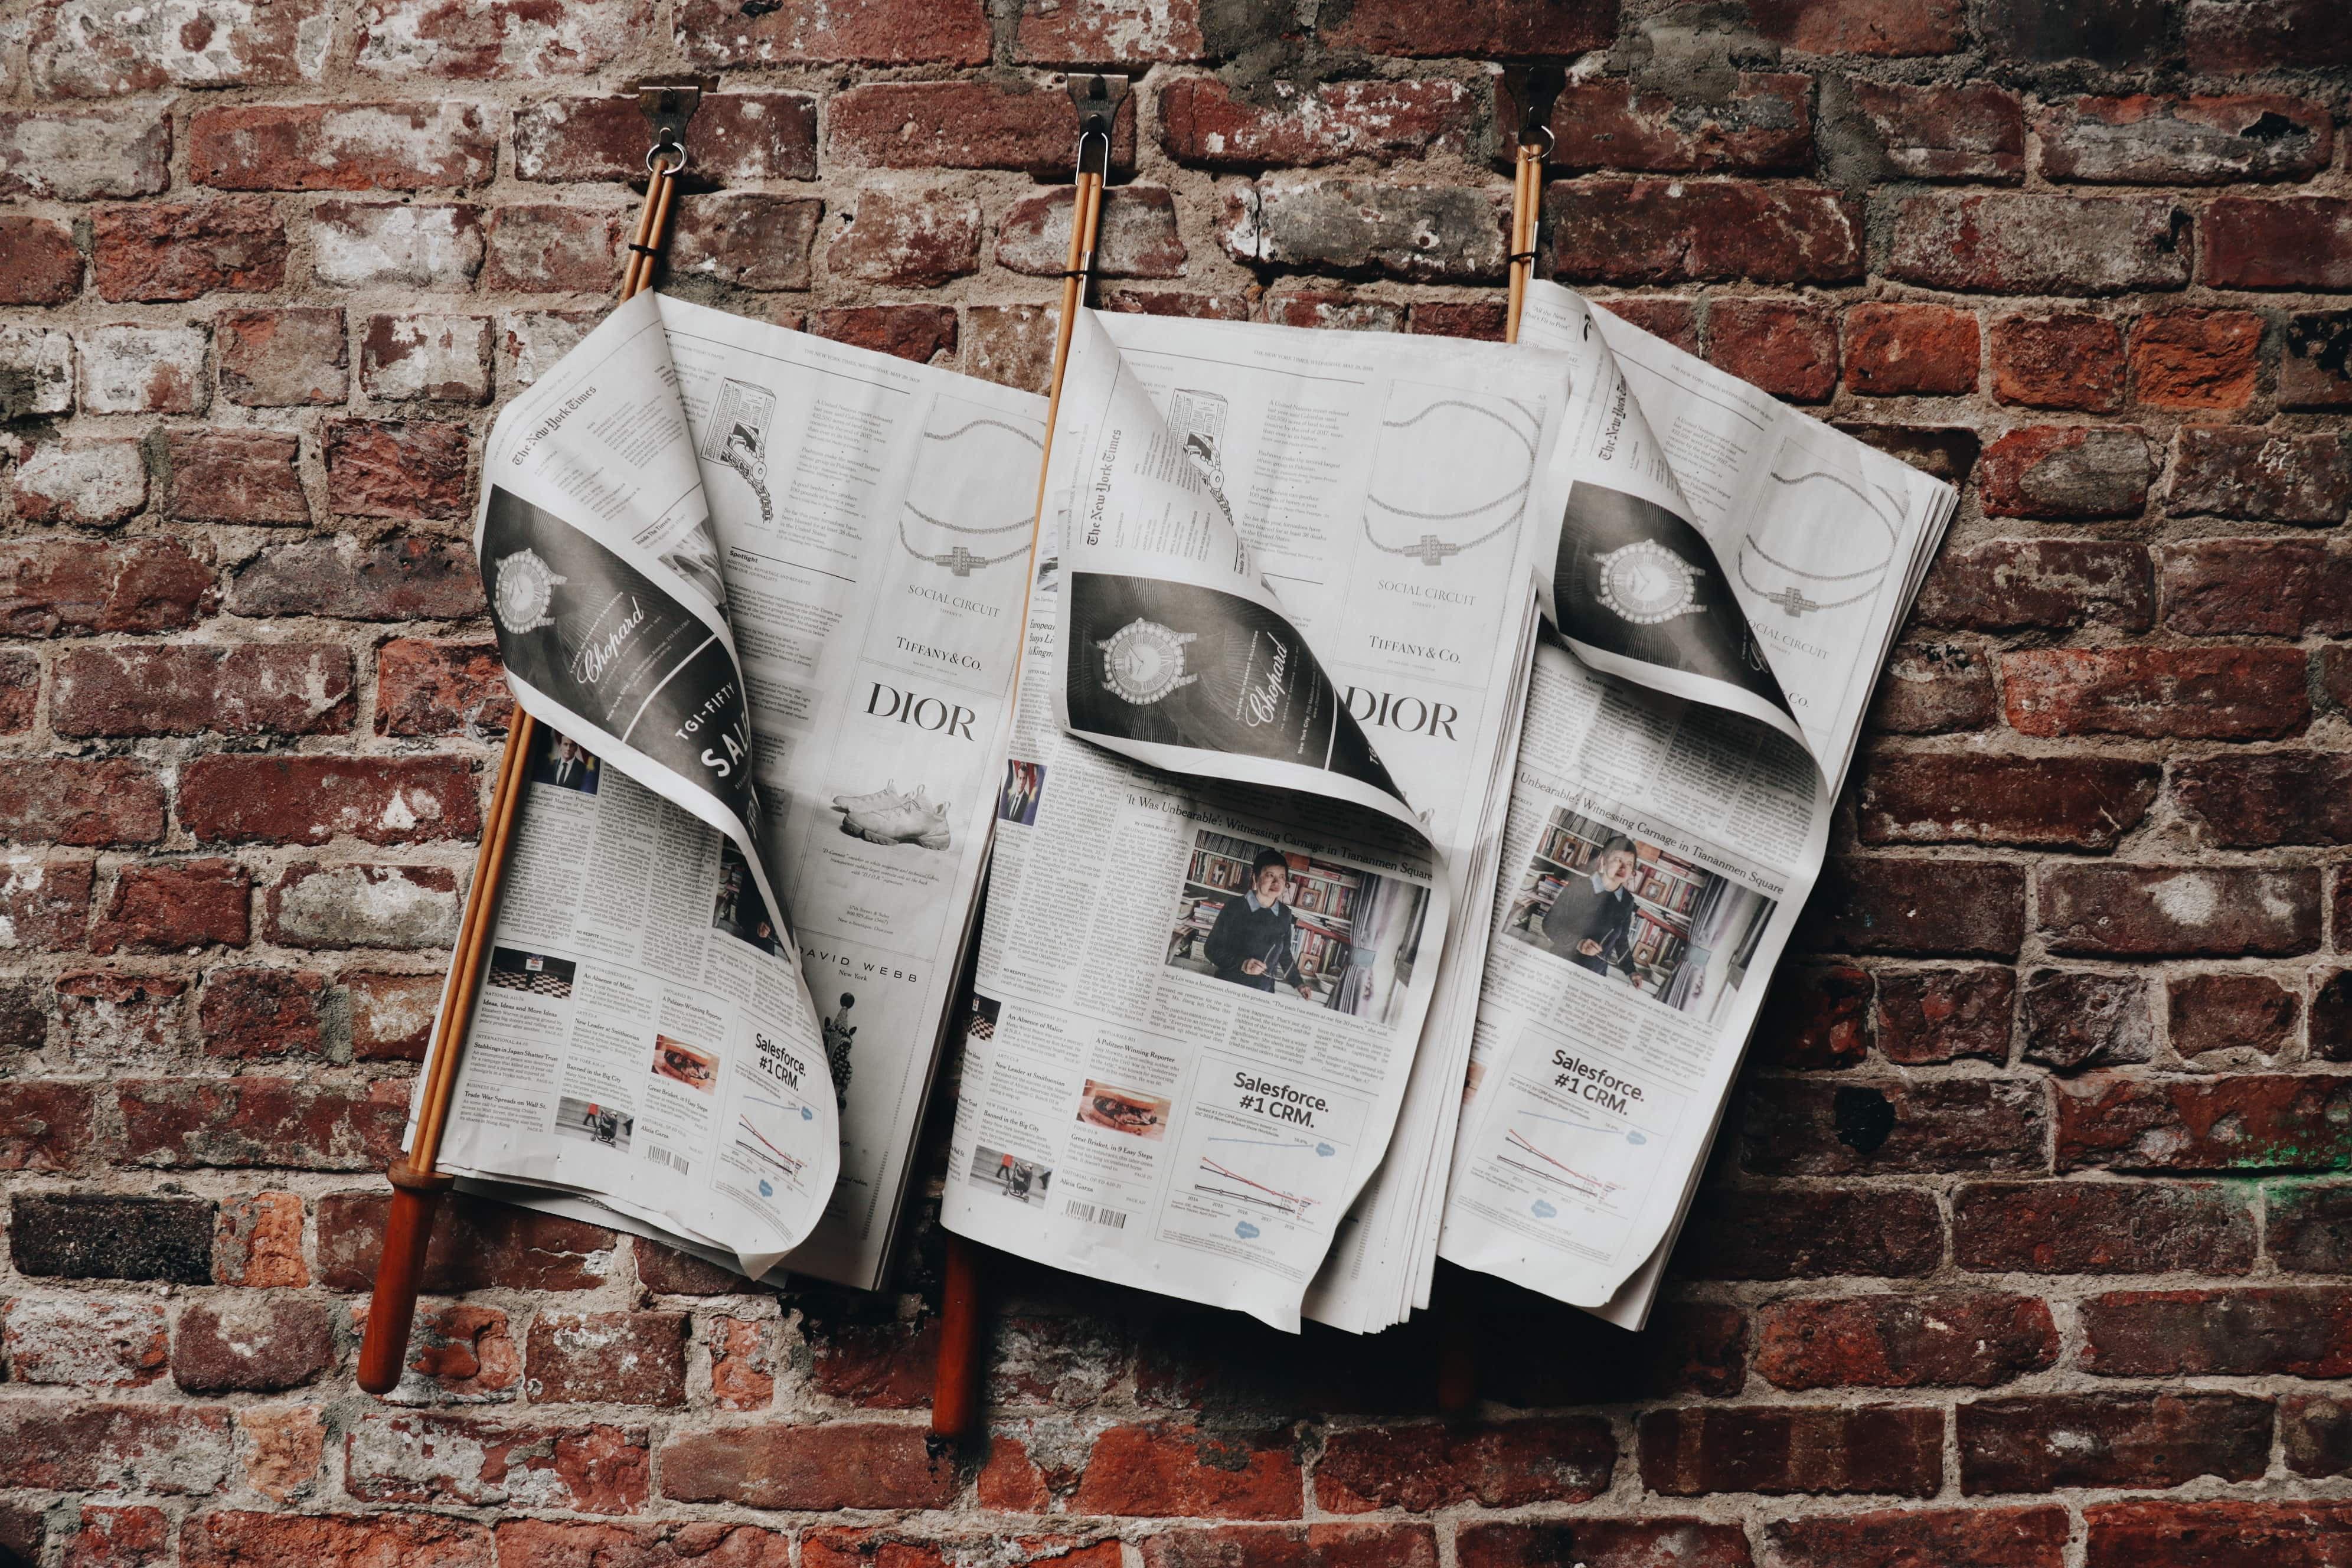 レンガ壁に英字新聞を飾ってみる_ED7B7466-5887-4CBE-864B-6EEFC1AEAE91